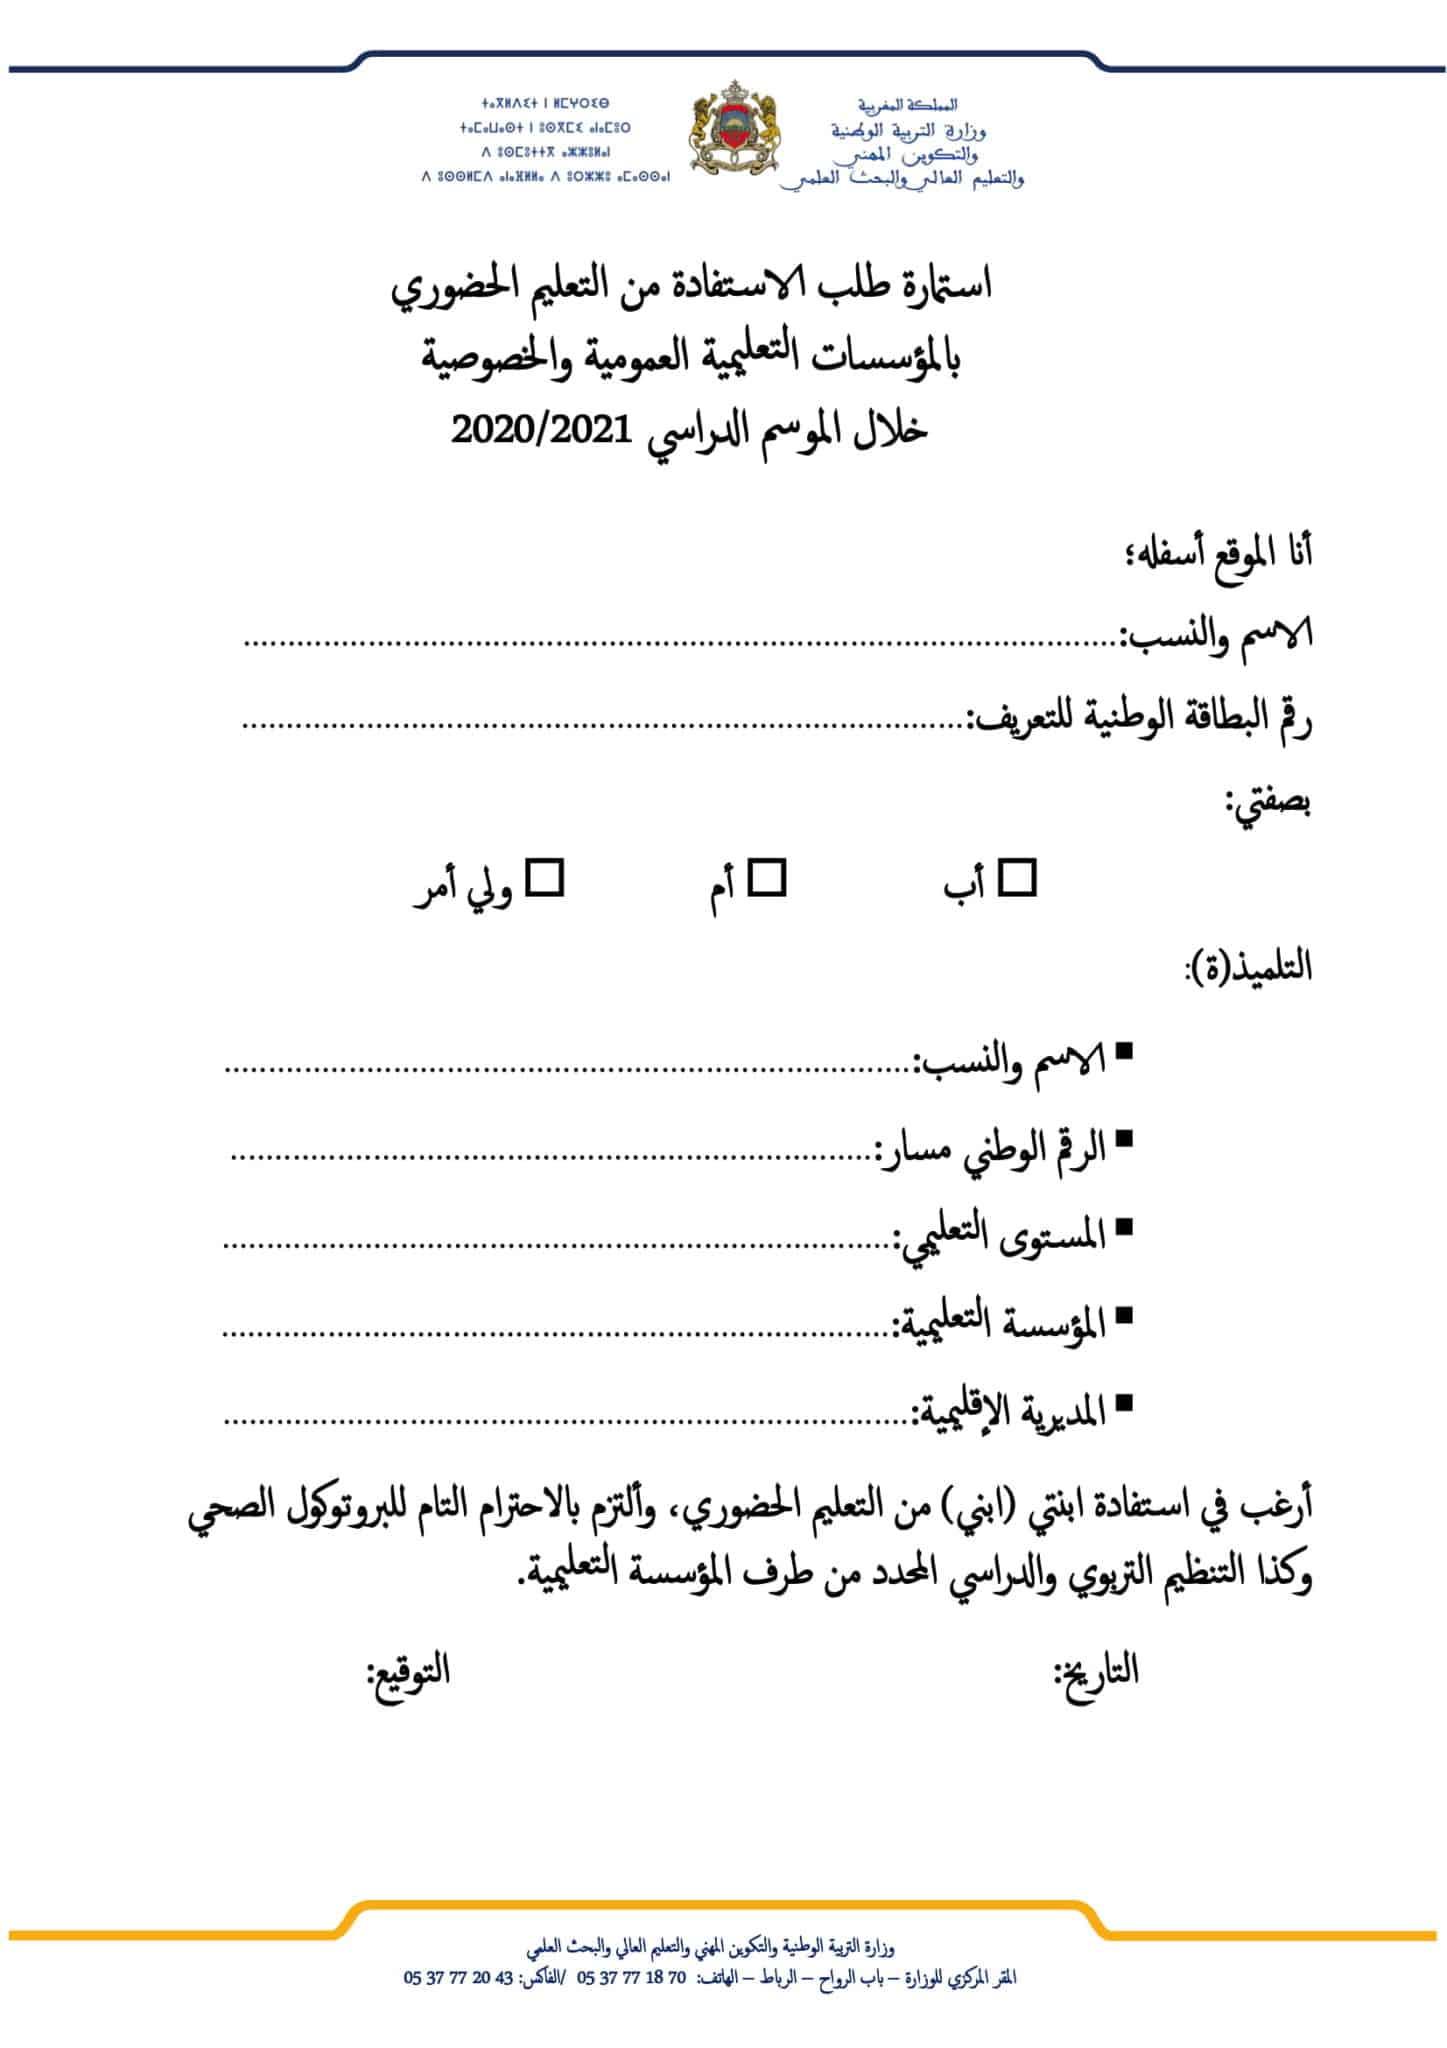 استمارة التسجيل بخدمة النقل المدرسي نموذج 1